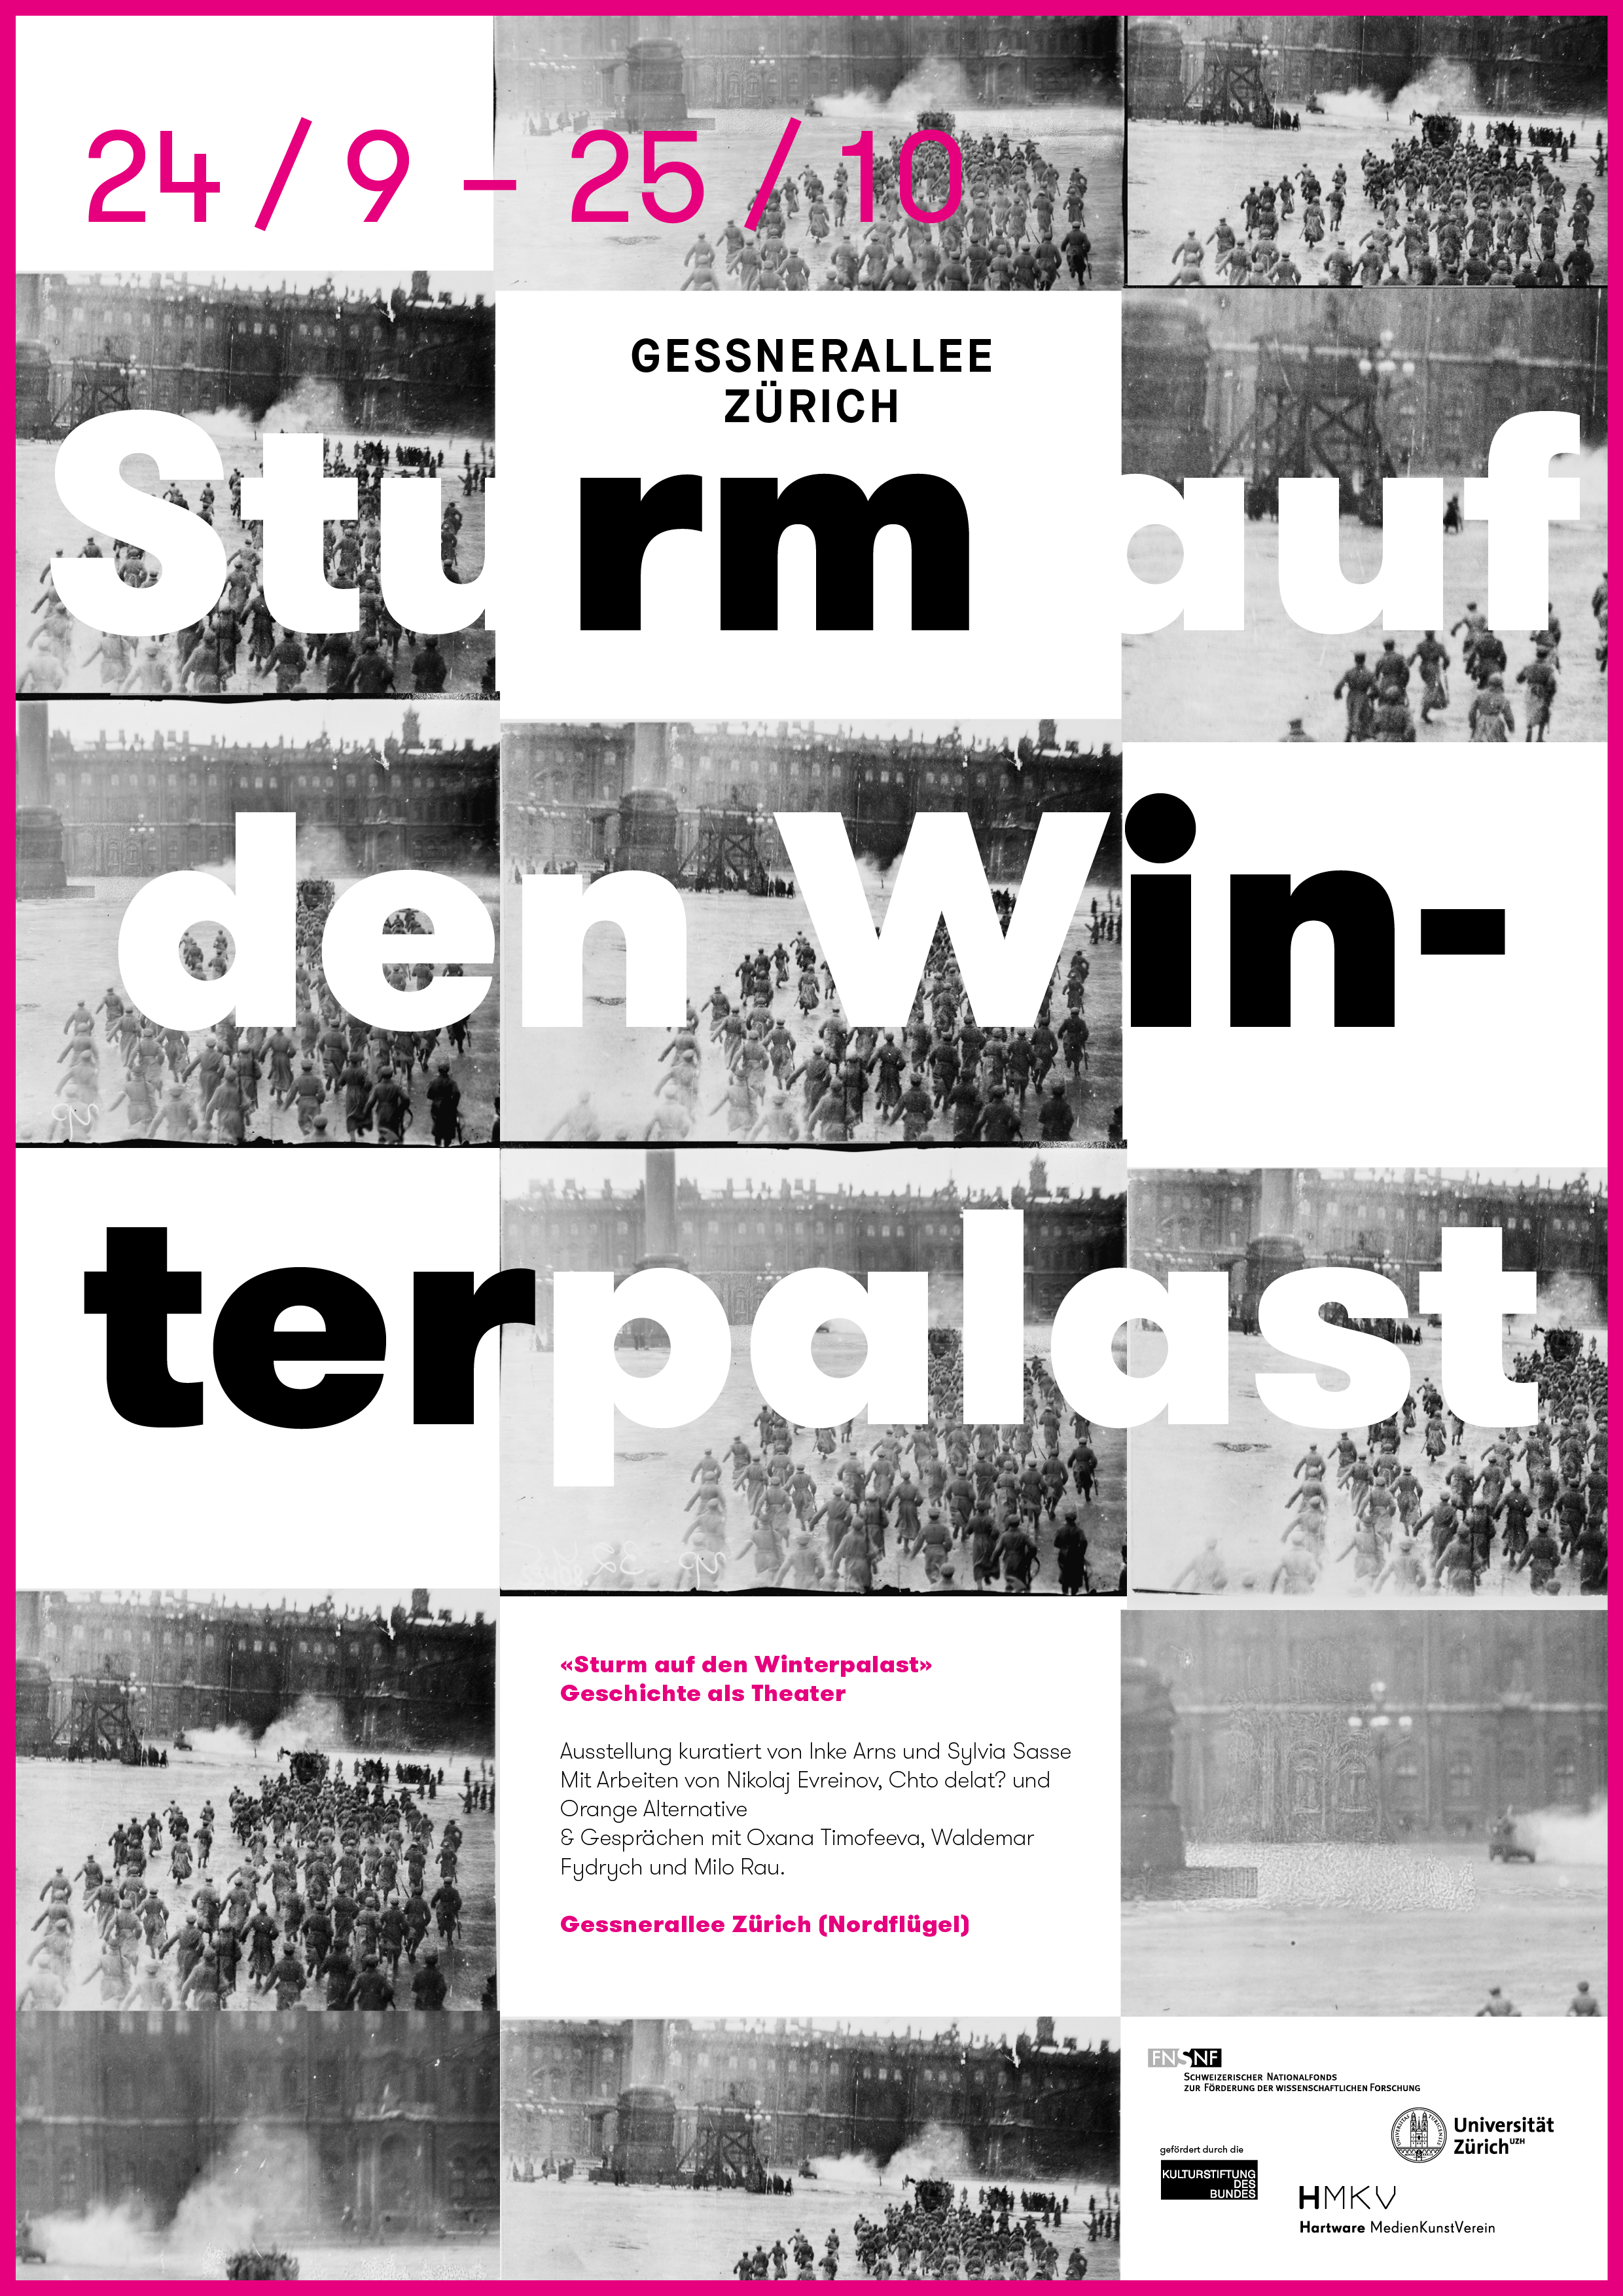 Universität Zürich | Werbemittel Ausstellung «Sturm auf den Winterpalast»